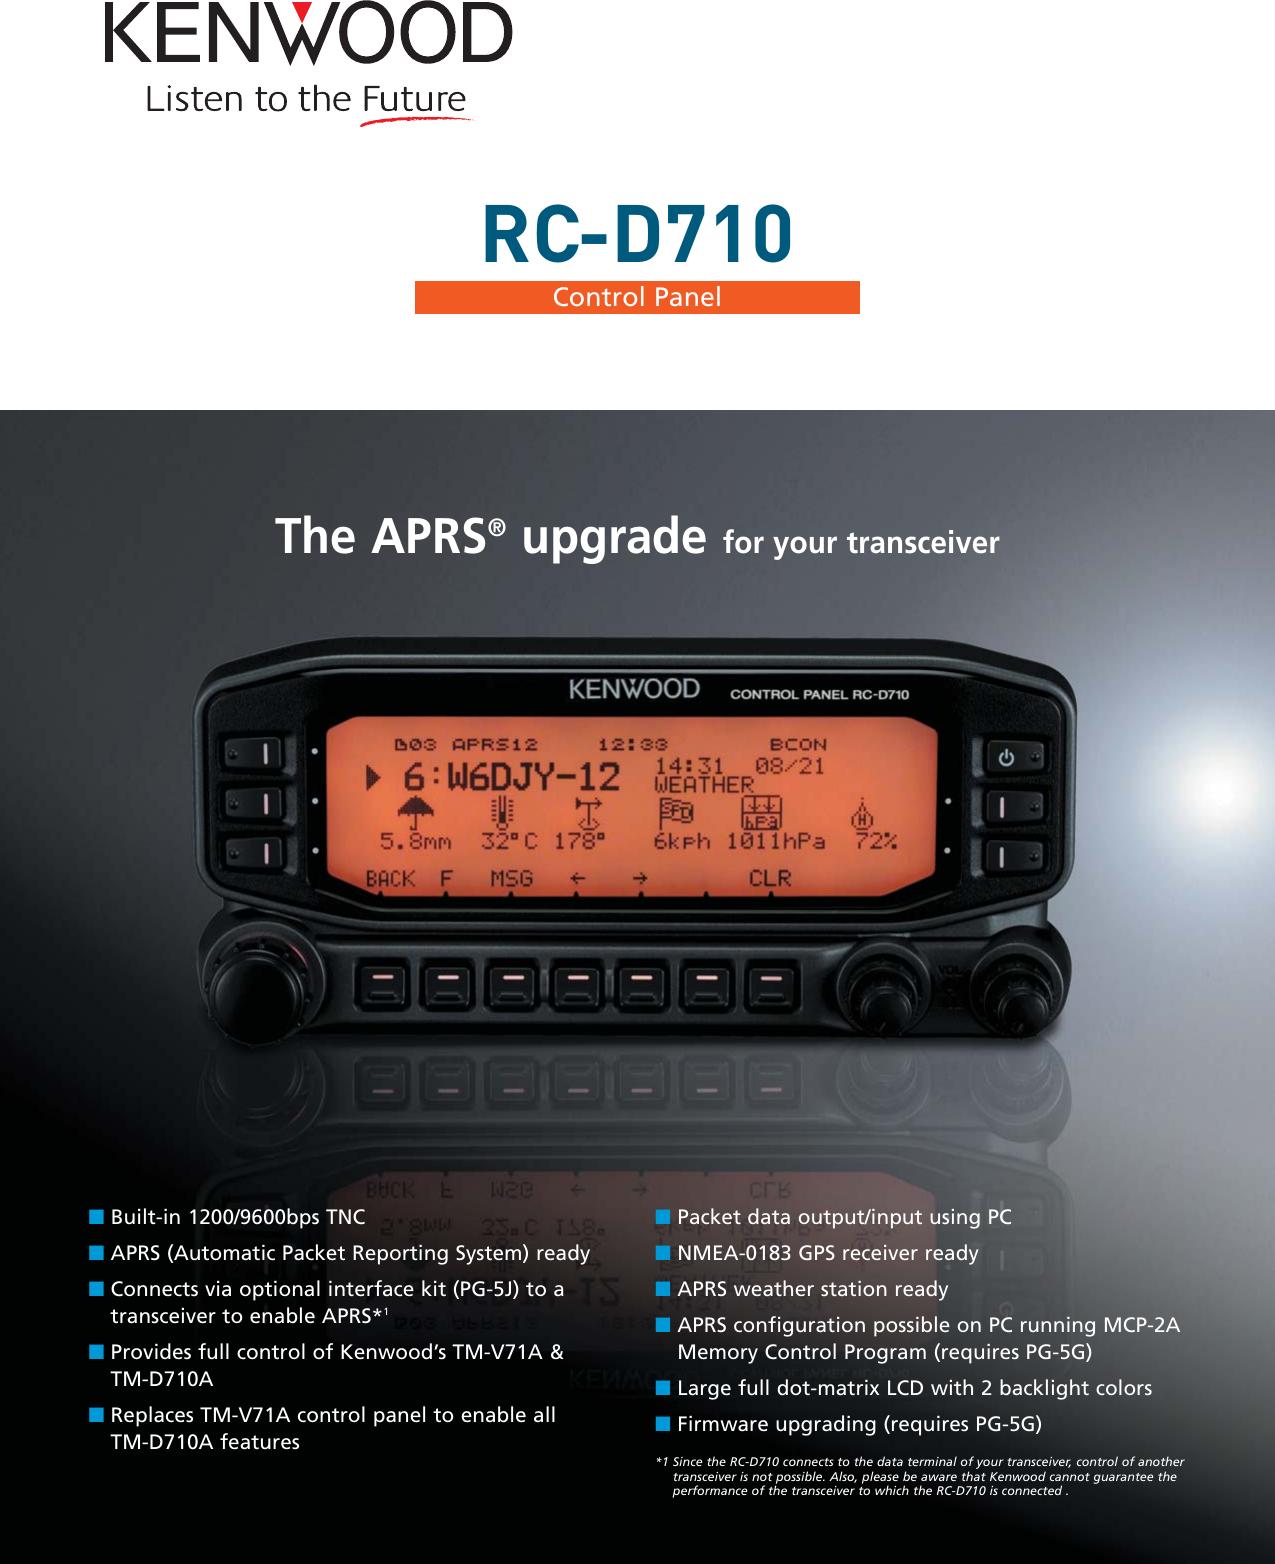 Kenwood RC D710 Rc_d710_k User Manual To The A4fee24b b08b 4880 8bde